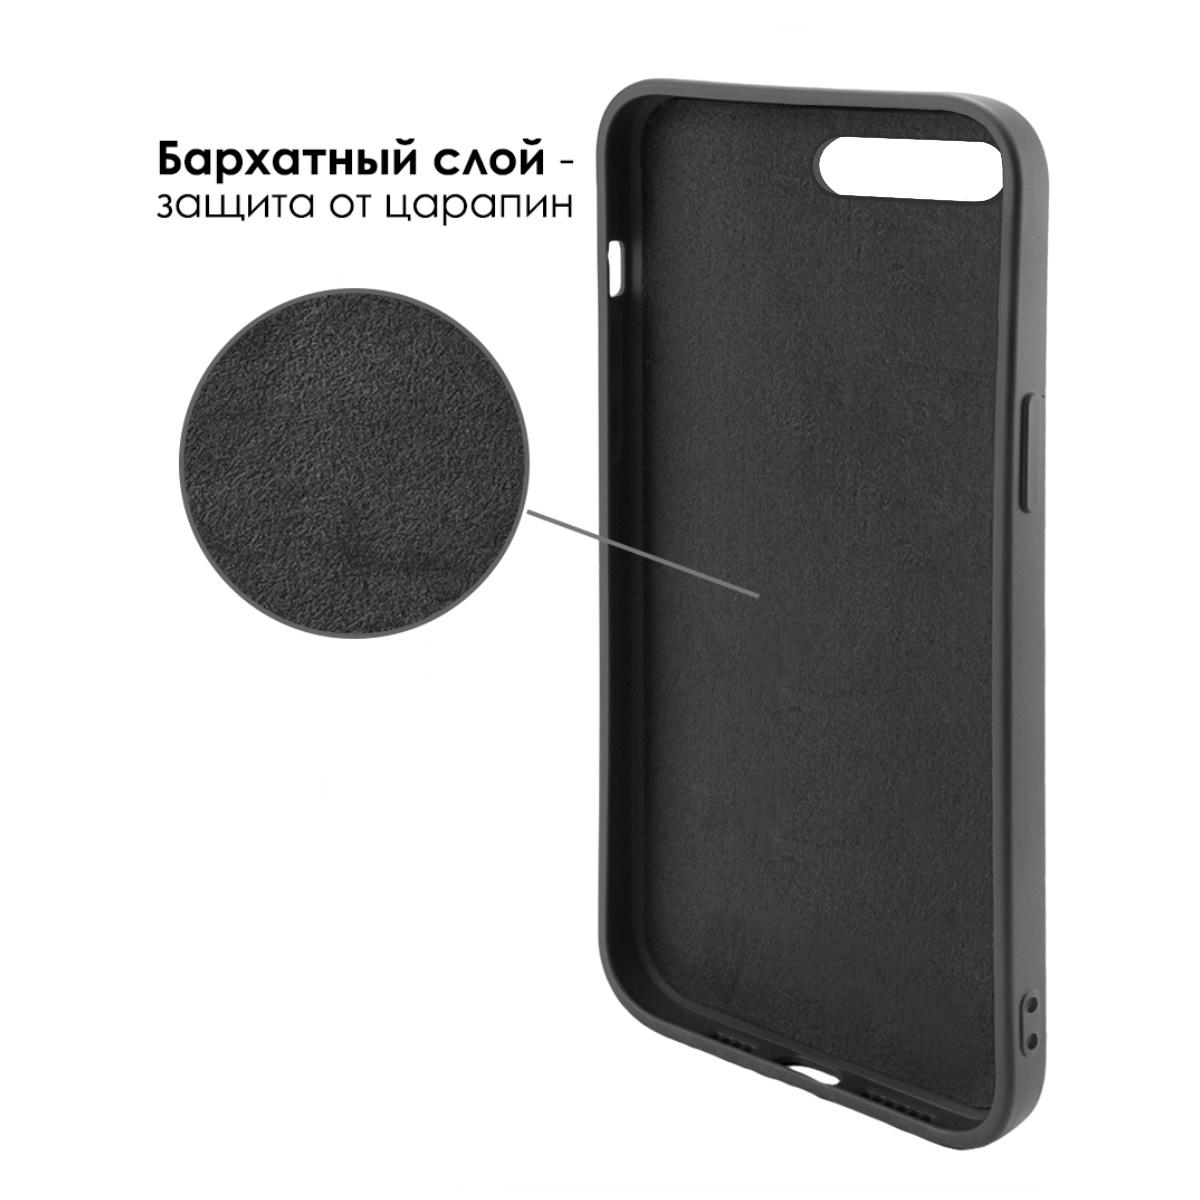 Черный силиконовый чехол для iPhone 7/8 Plus Молекула счастья для Айфон 7/8 Плюс